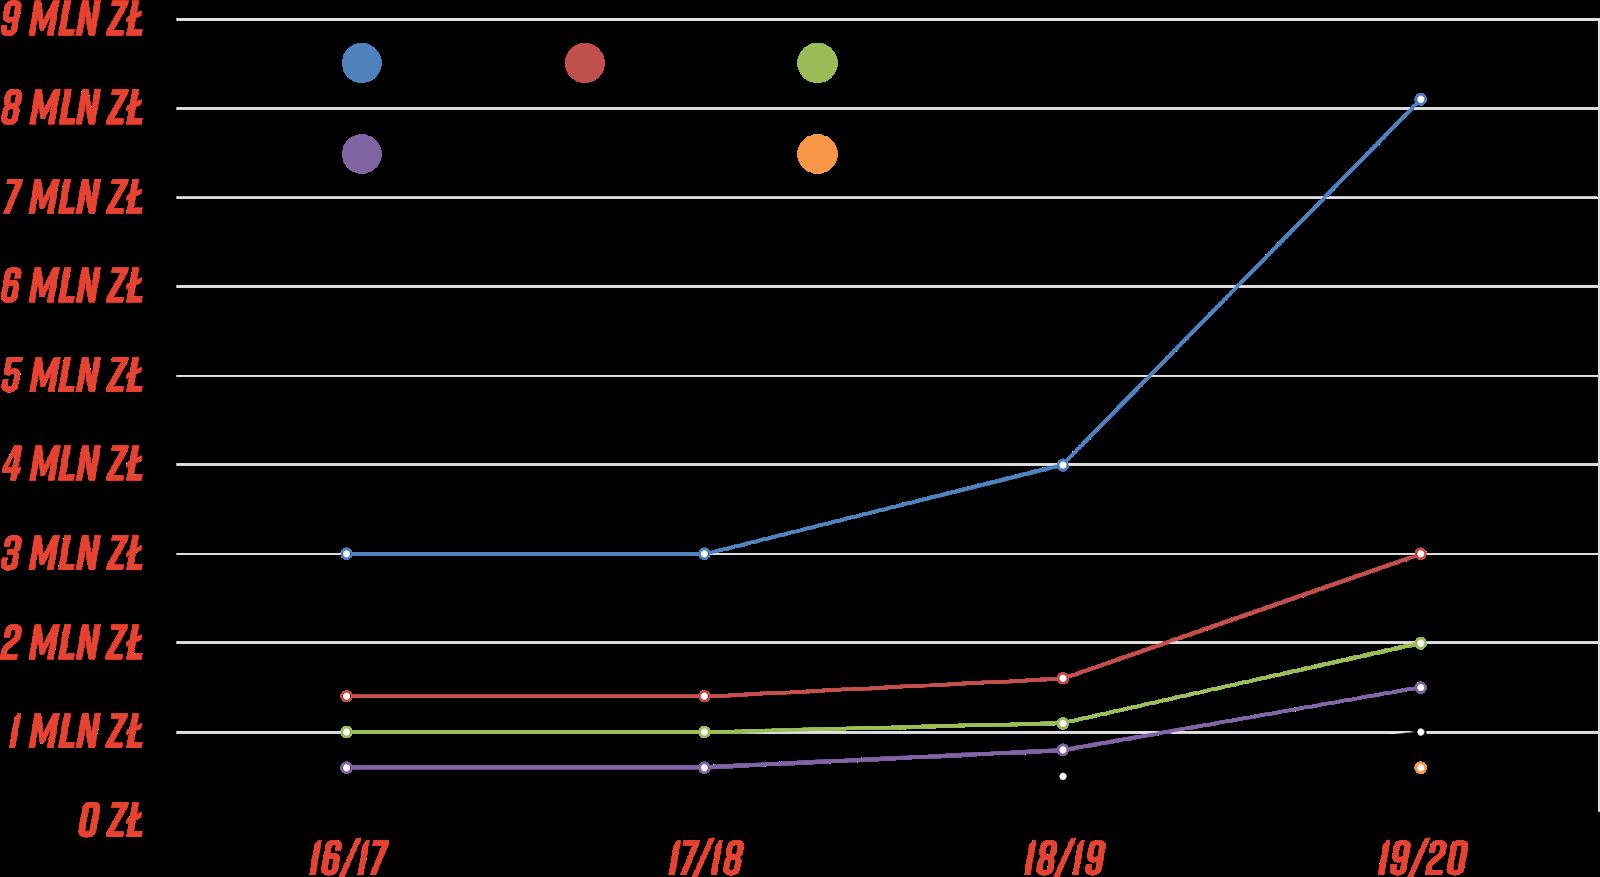 Podział puli nagród w ekstraklasowym Pro Junior System (brutto)<br><br>Źródło: Opracowanie własne na podstawie PZPN<br><br>graf. Bartosz Urban